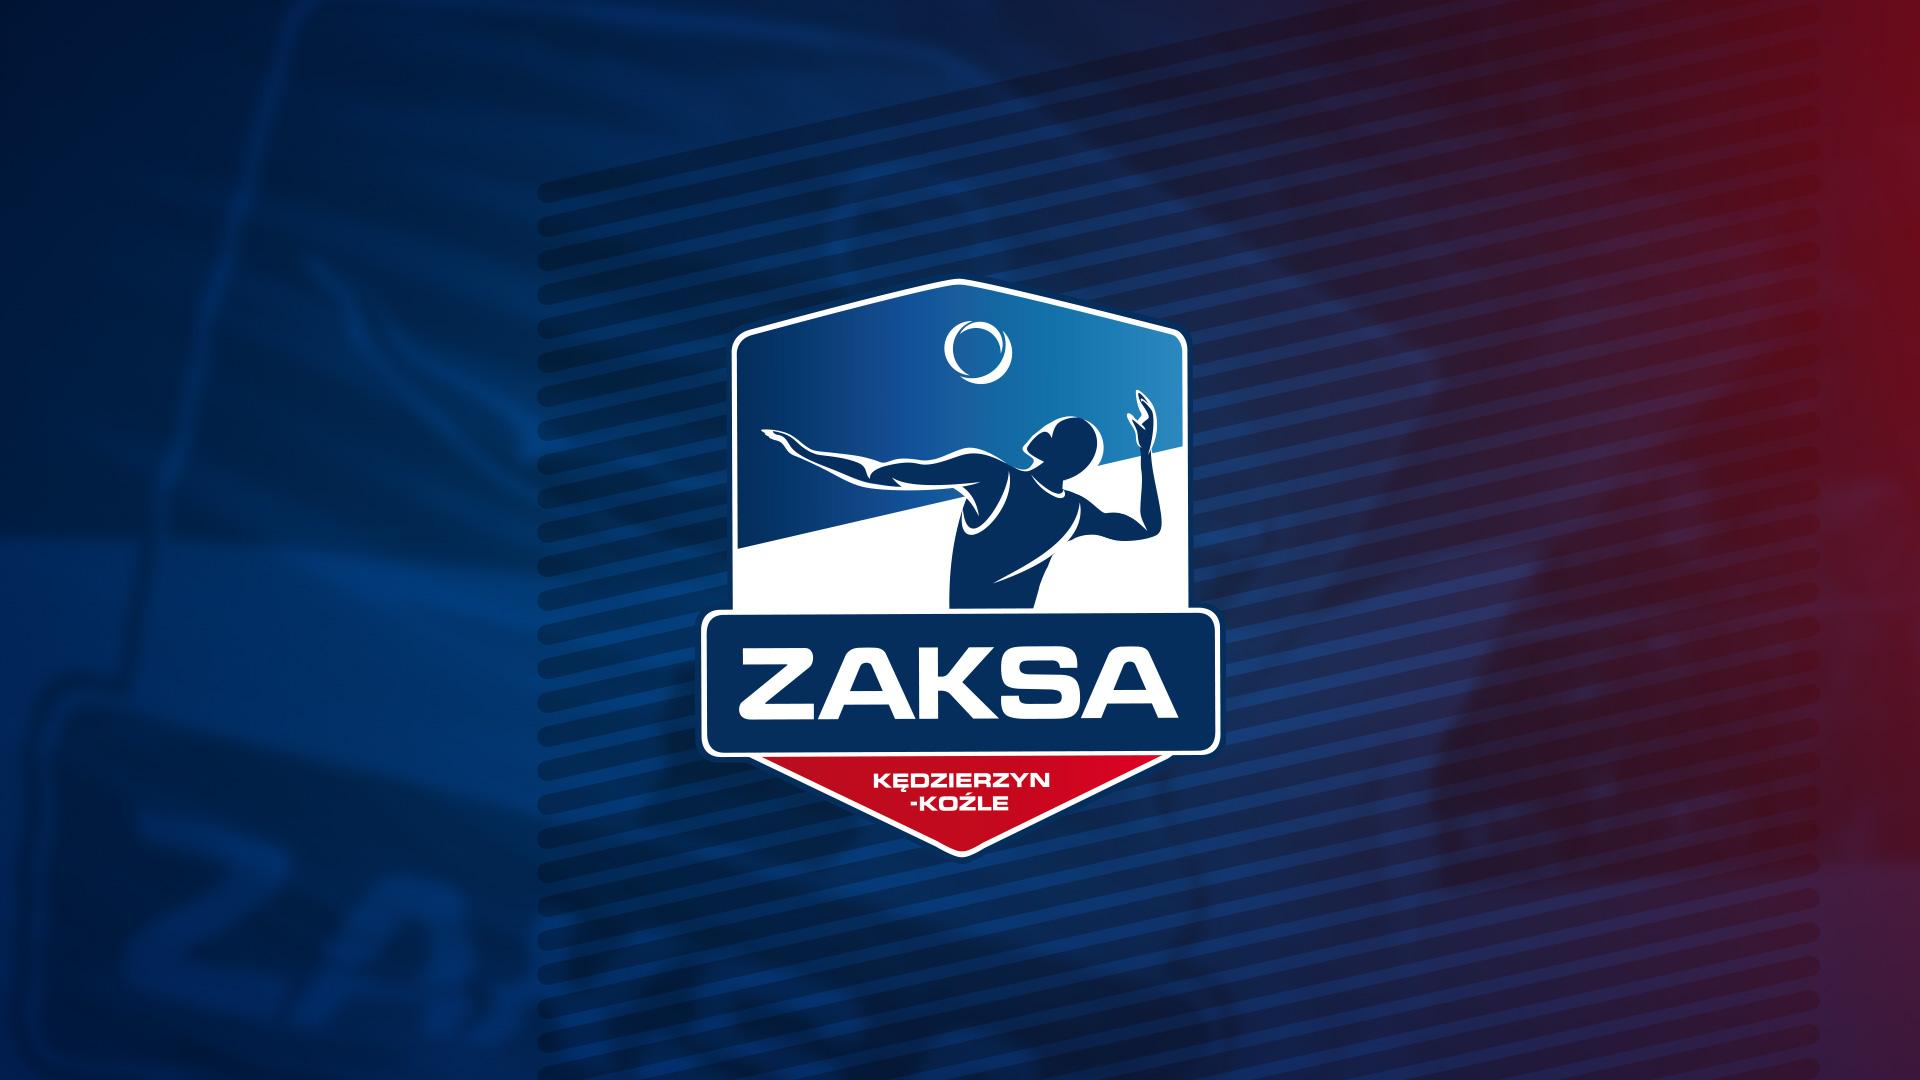 Grupa Azoty ZAKSA Kędzierzyn-Koźle wznawia treningi